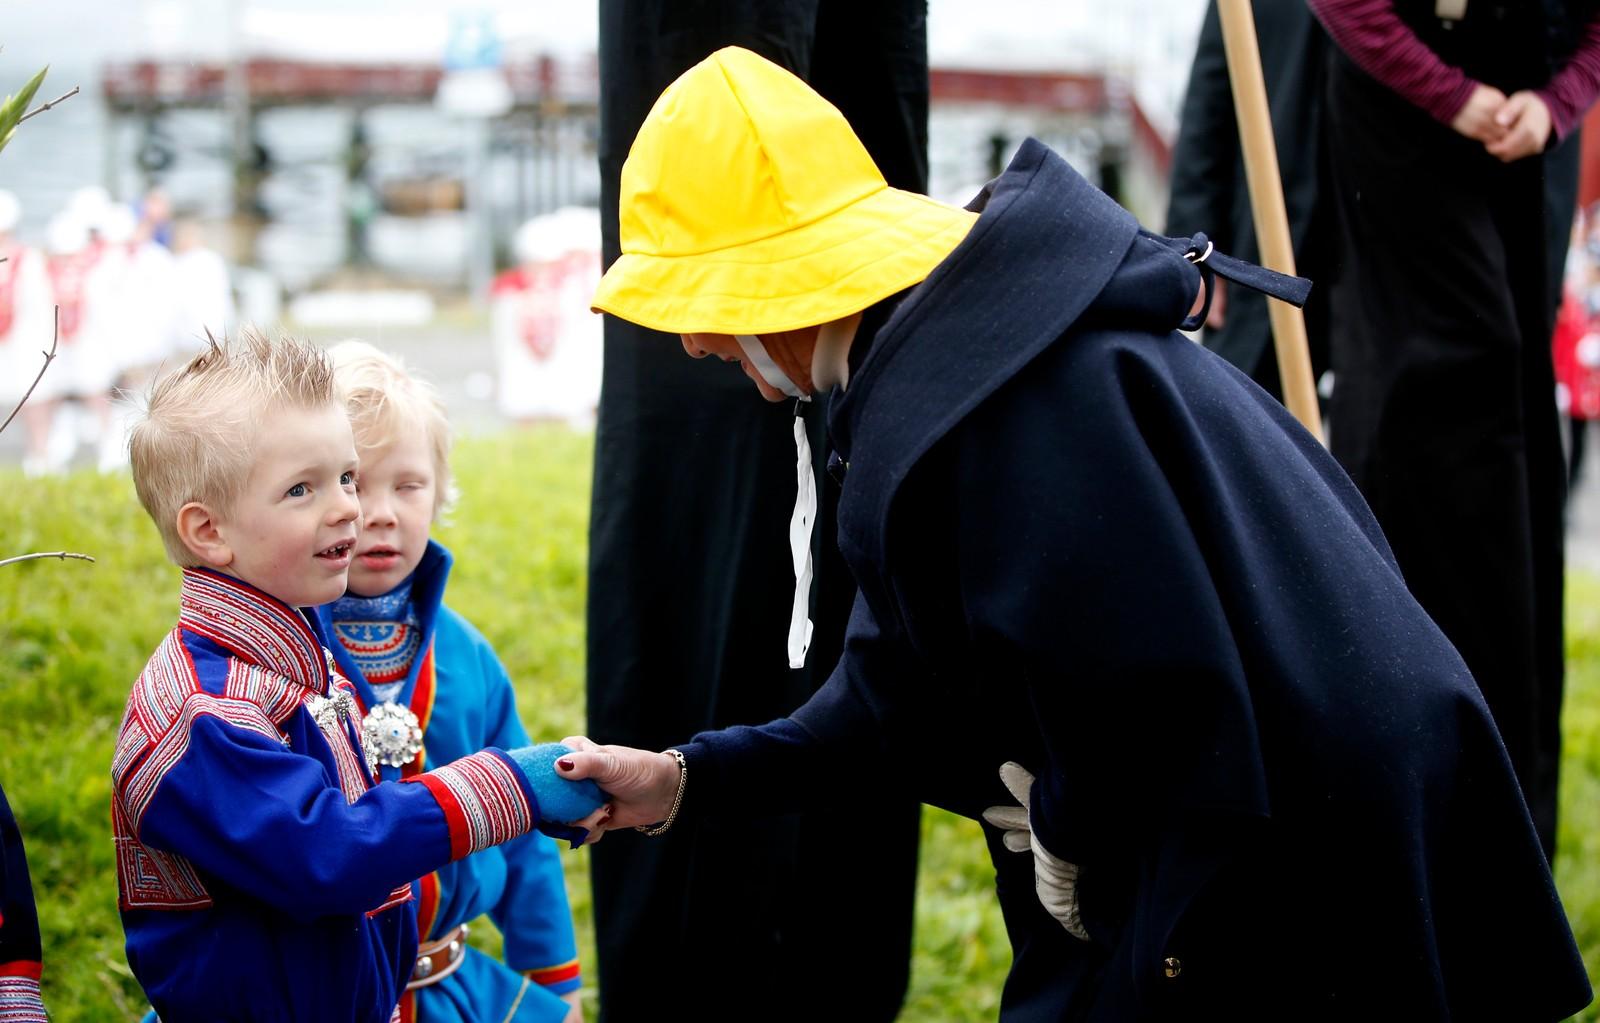 """Dronning Sonja under kongeparets hagefest for 300 inviterte gjester på """"Skansen"""" i Tromsø lørdag. Reisen inngår som en del av markeringen av Kongeparets 25-årsjubileum. Foto: Lise Åserud / NTB scanpix"""